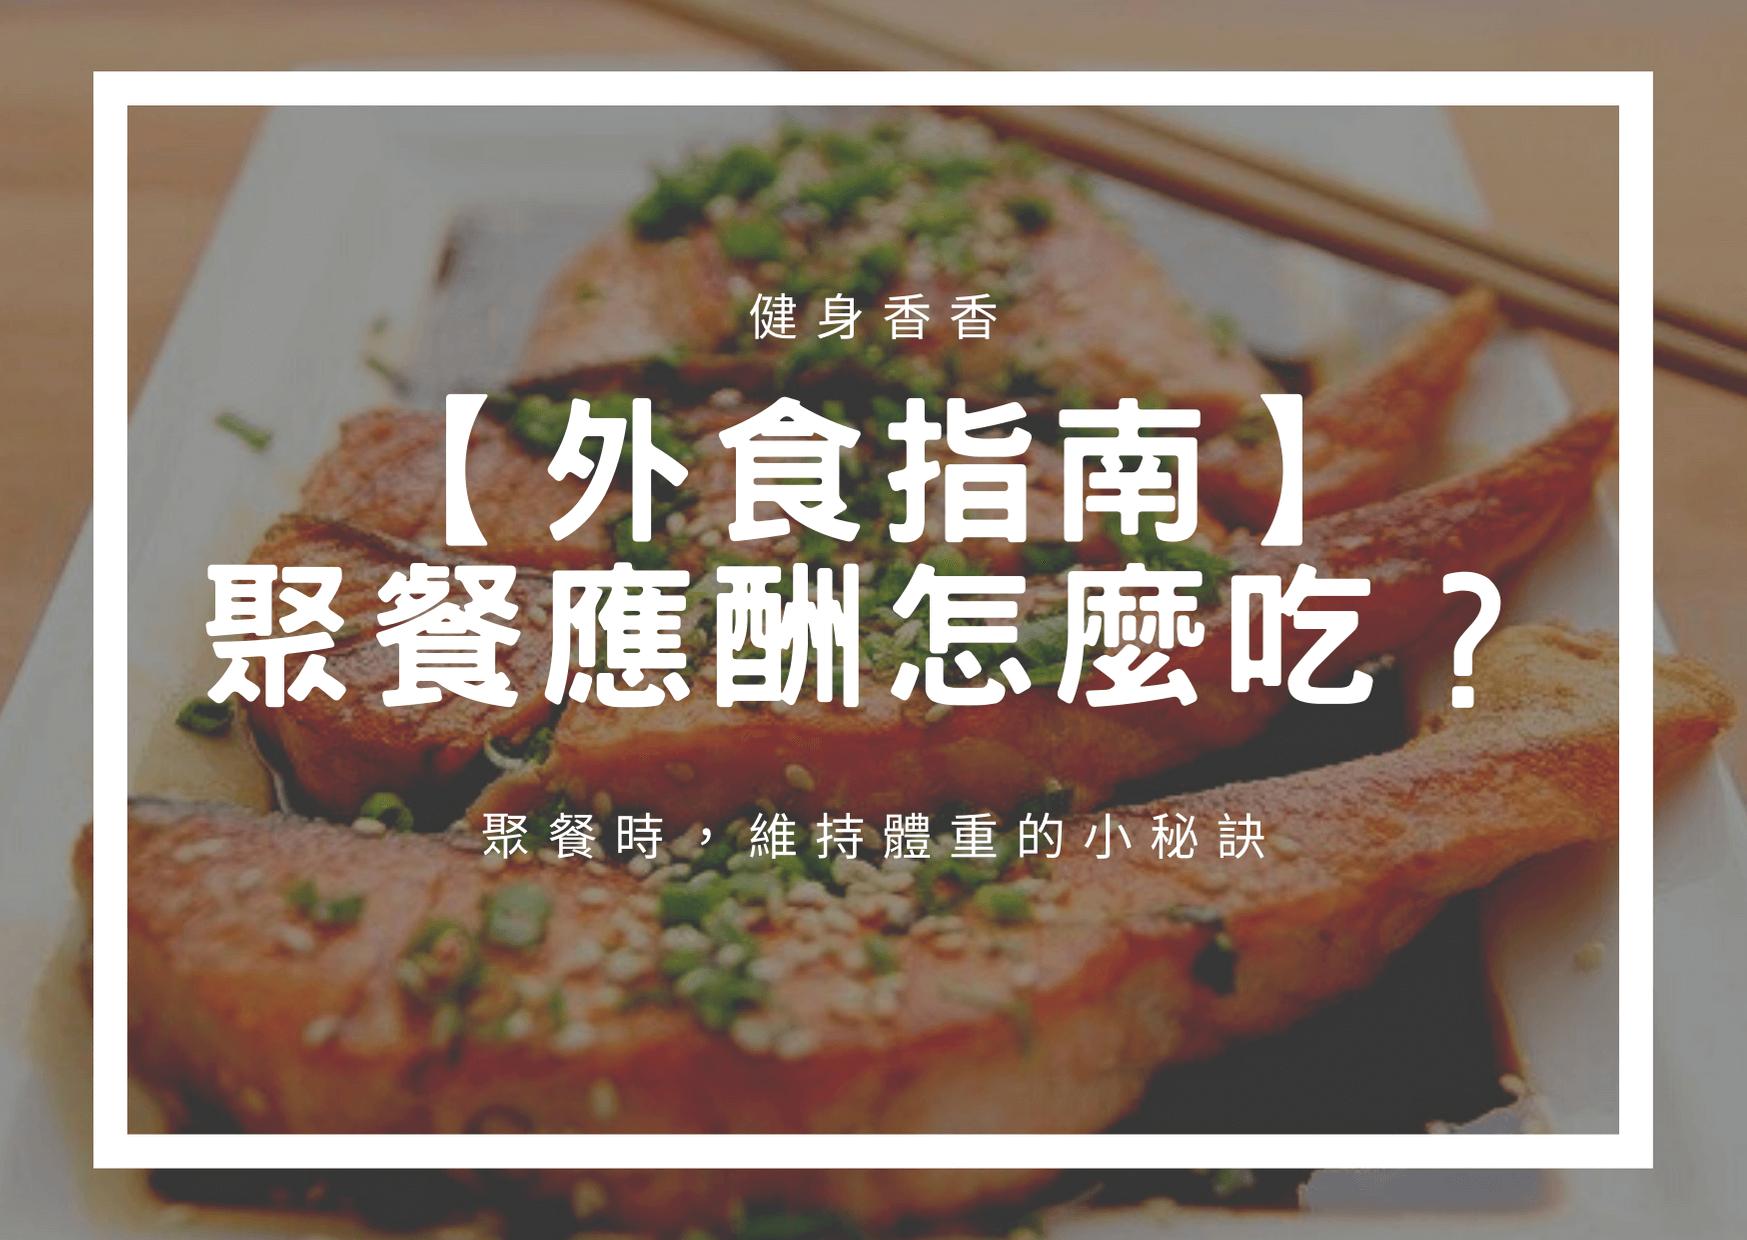 【外食指南】減肥聚餐吃什麼?